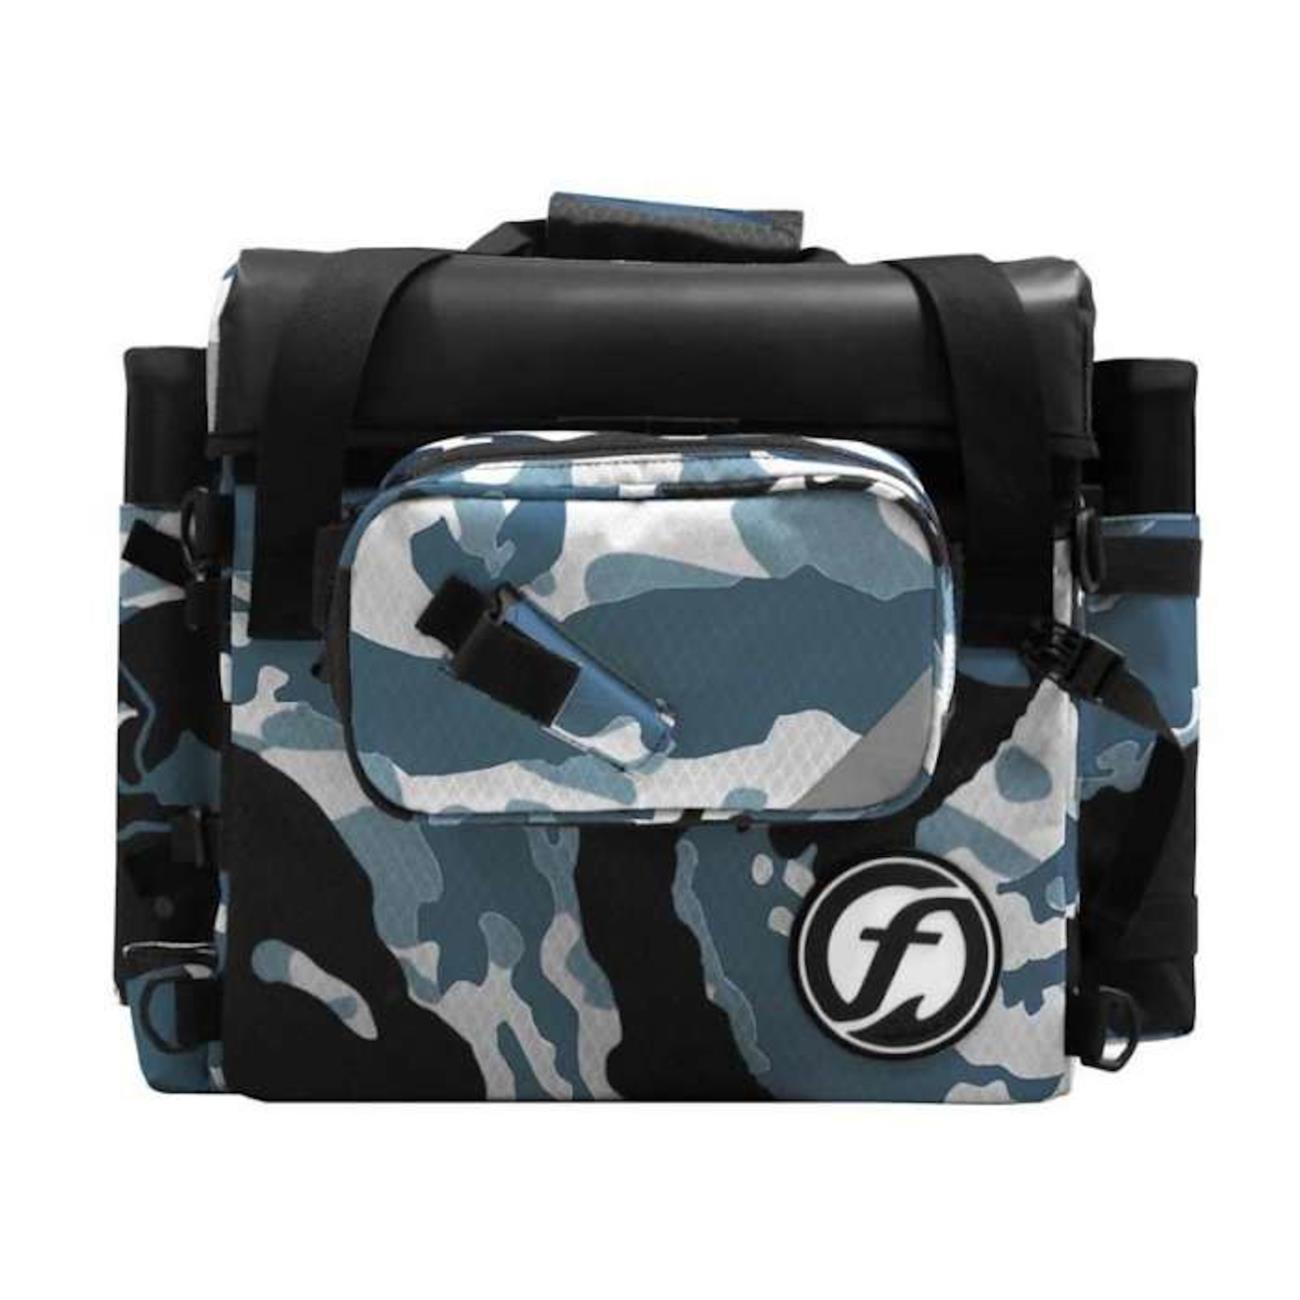 https://feelfreekayak.eu/1100-small_default/crate-bag-blue-camo.jpg